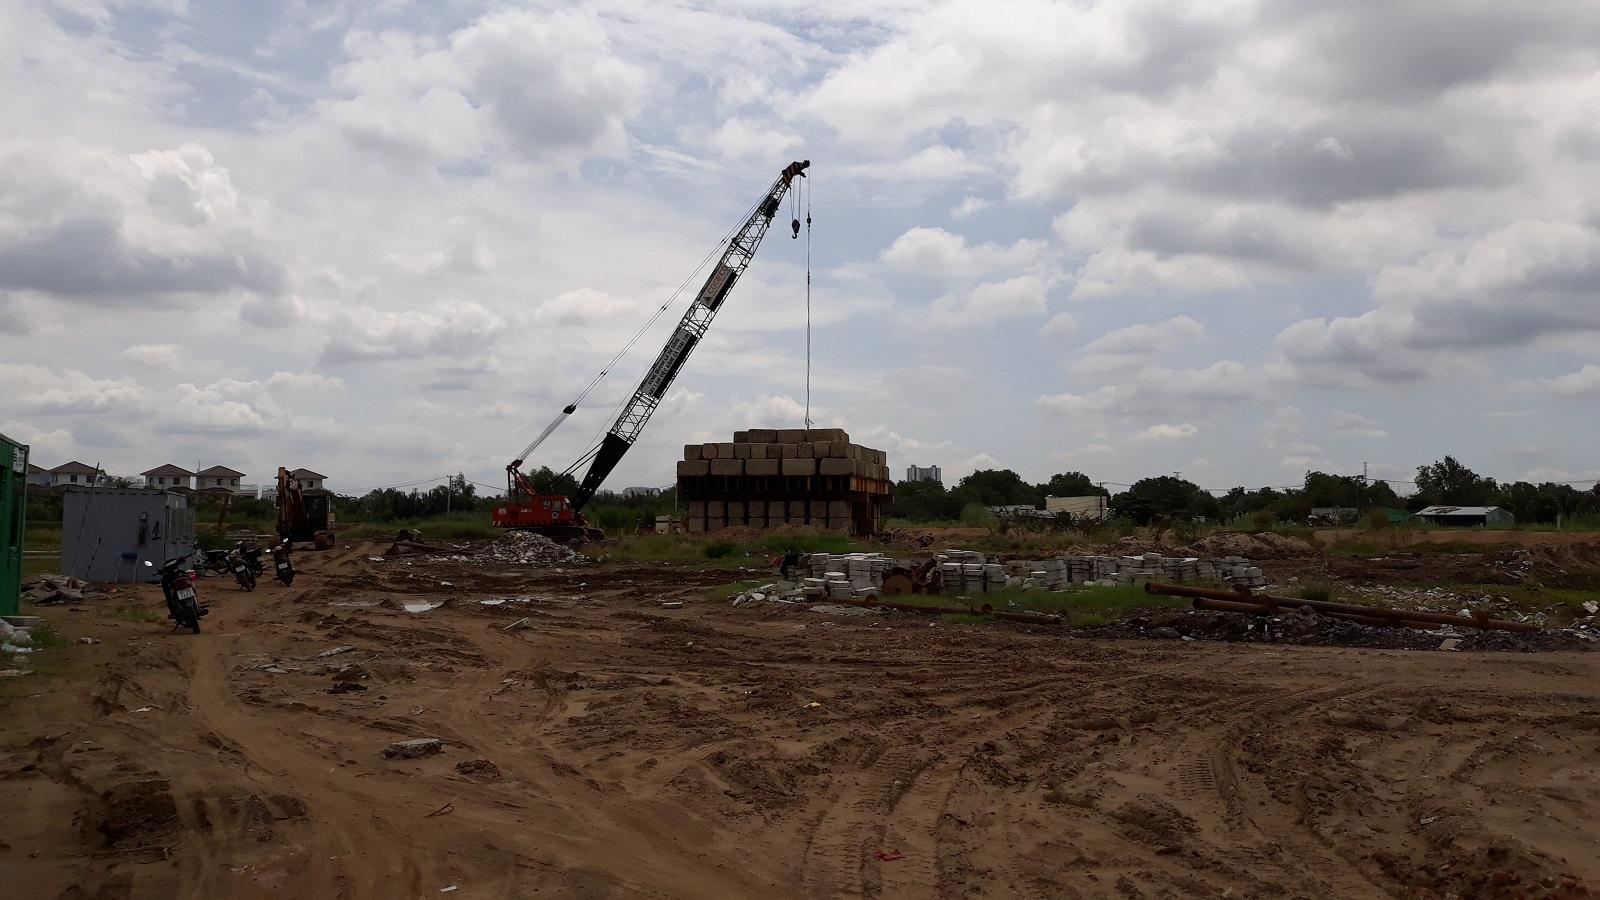 Đơn vị xây dựng chuẩn bị ép cọc giai đoạn 2 của dự án Mizuki Park Bình Chánh.